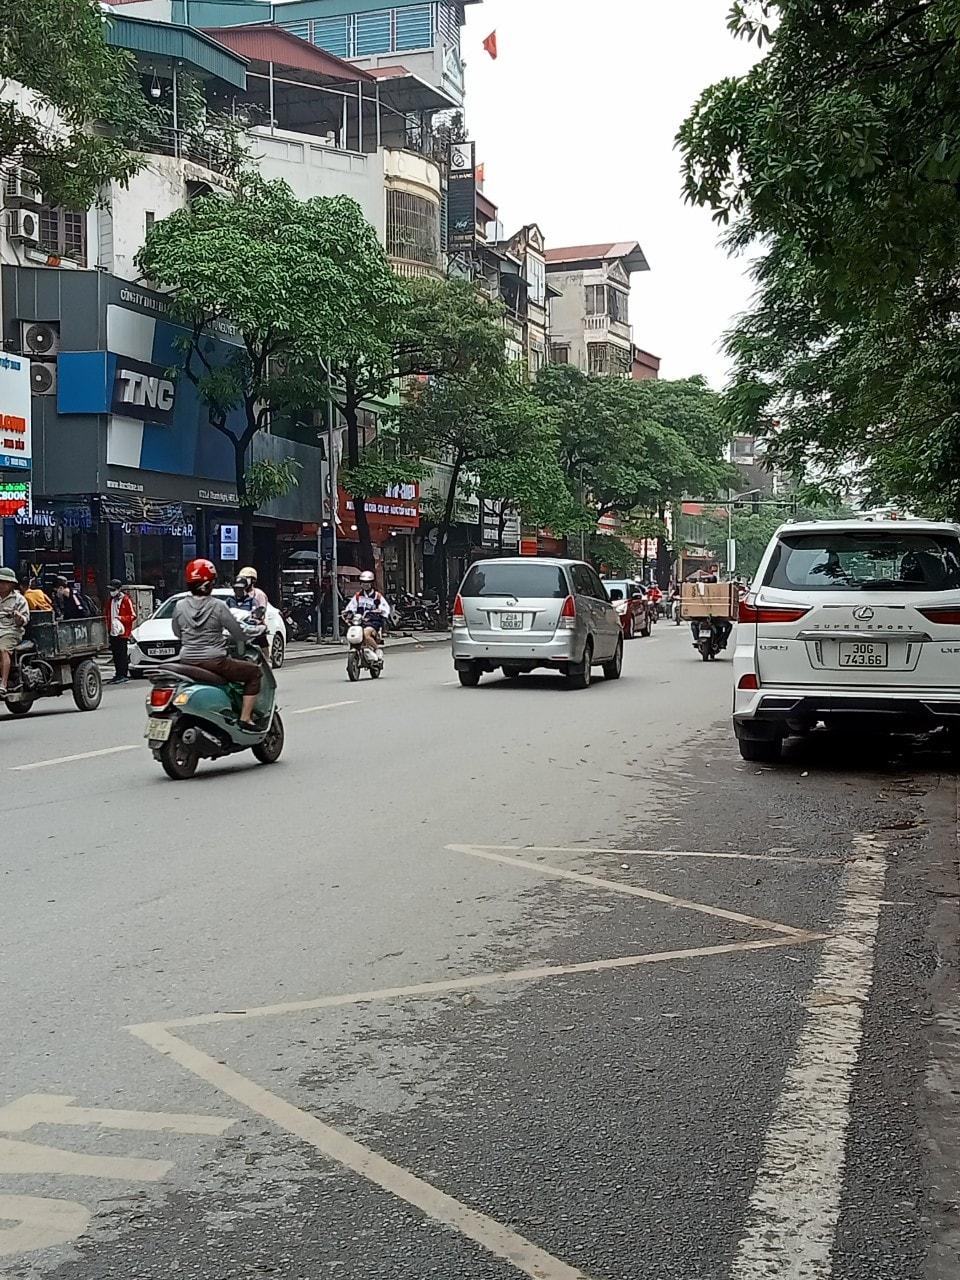 Bán nhà mặt phố Cầu Giấy gần Xuân Thủy 140mx4T Dịch Vọng quận Cầu Giấy